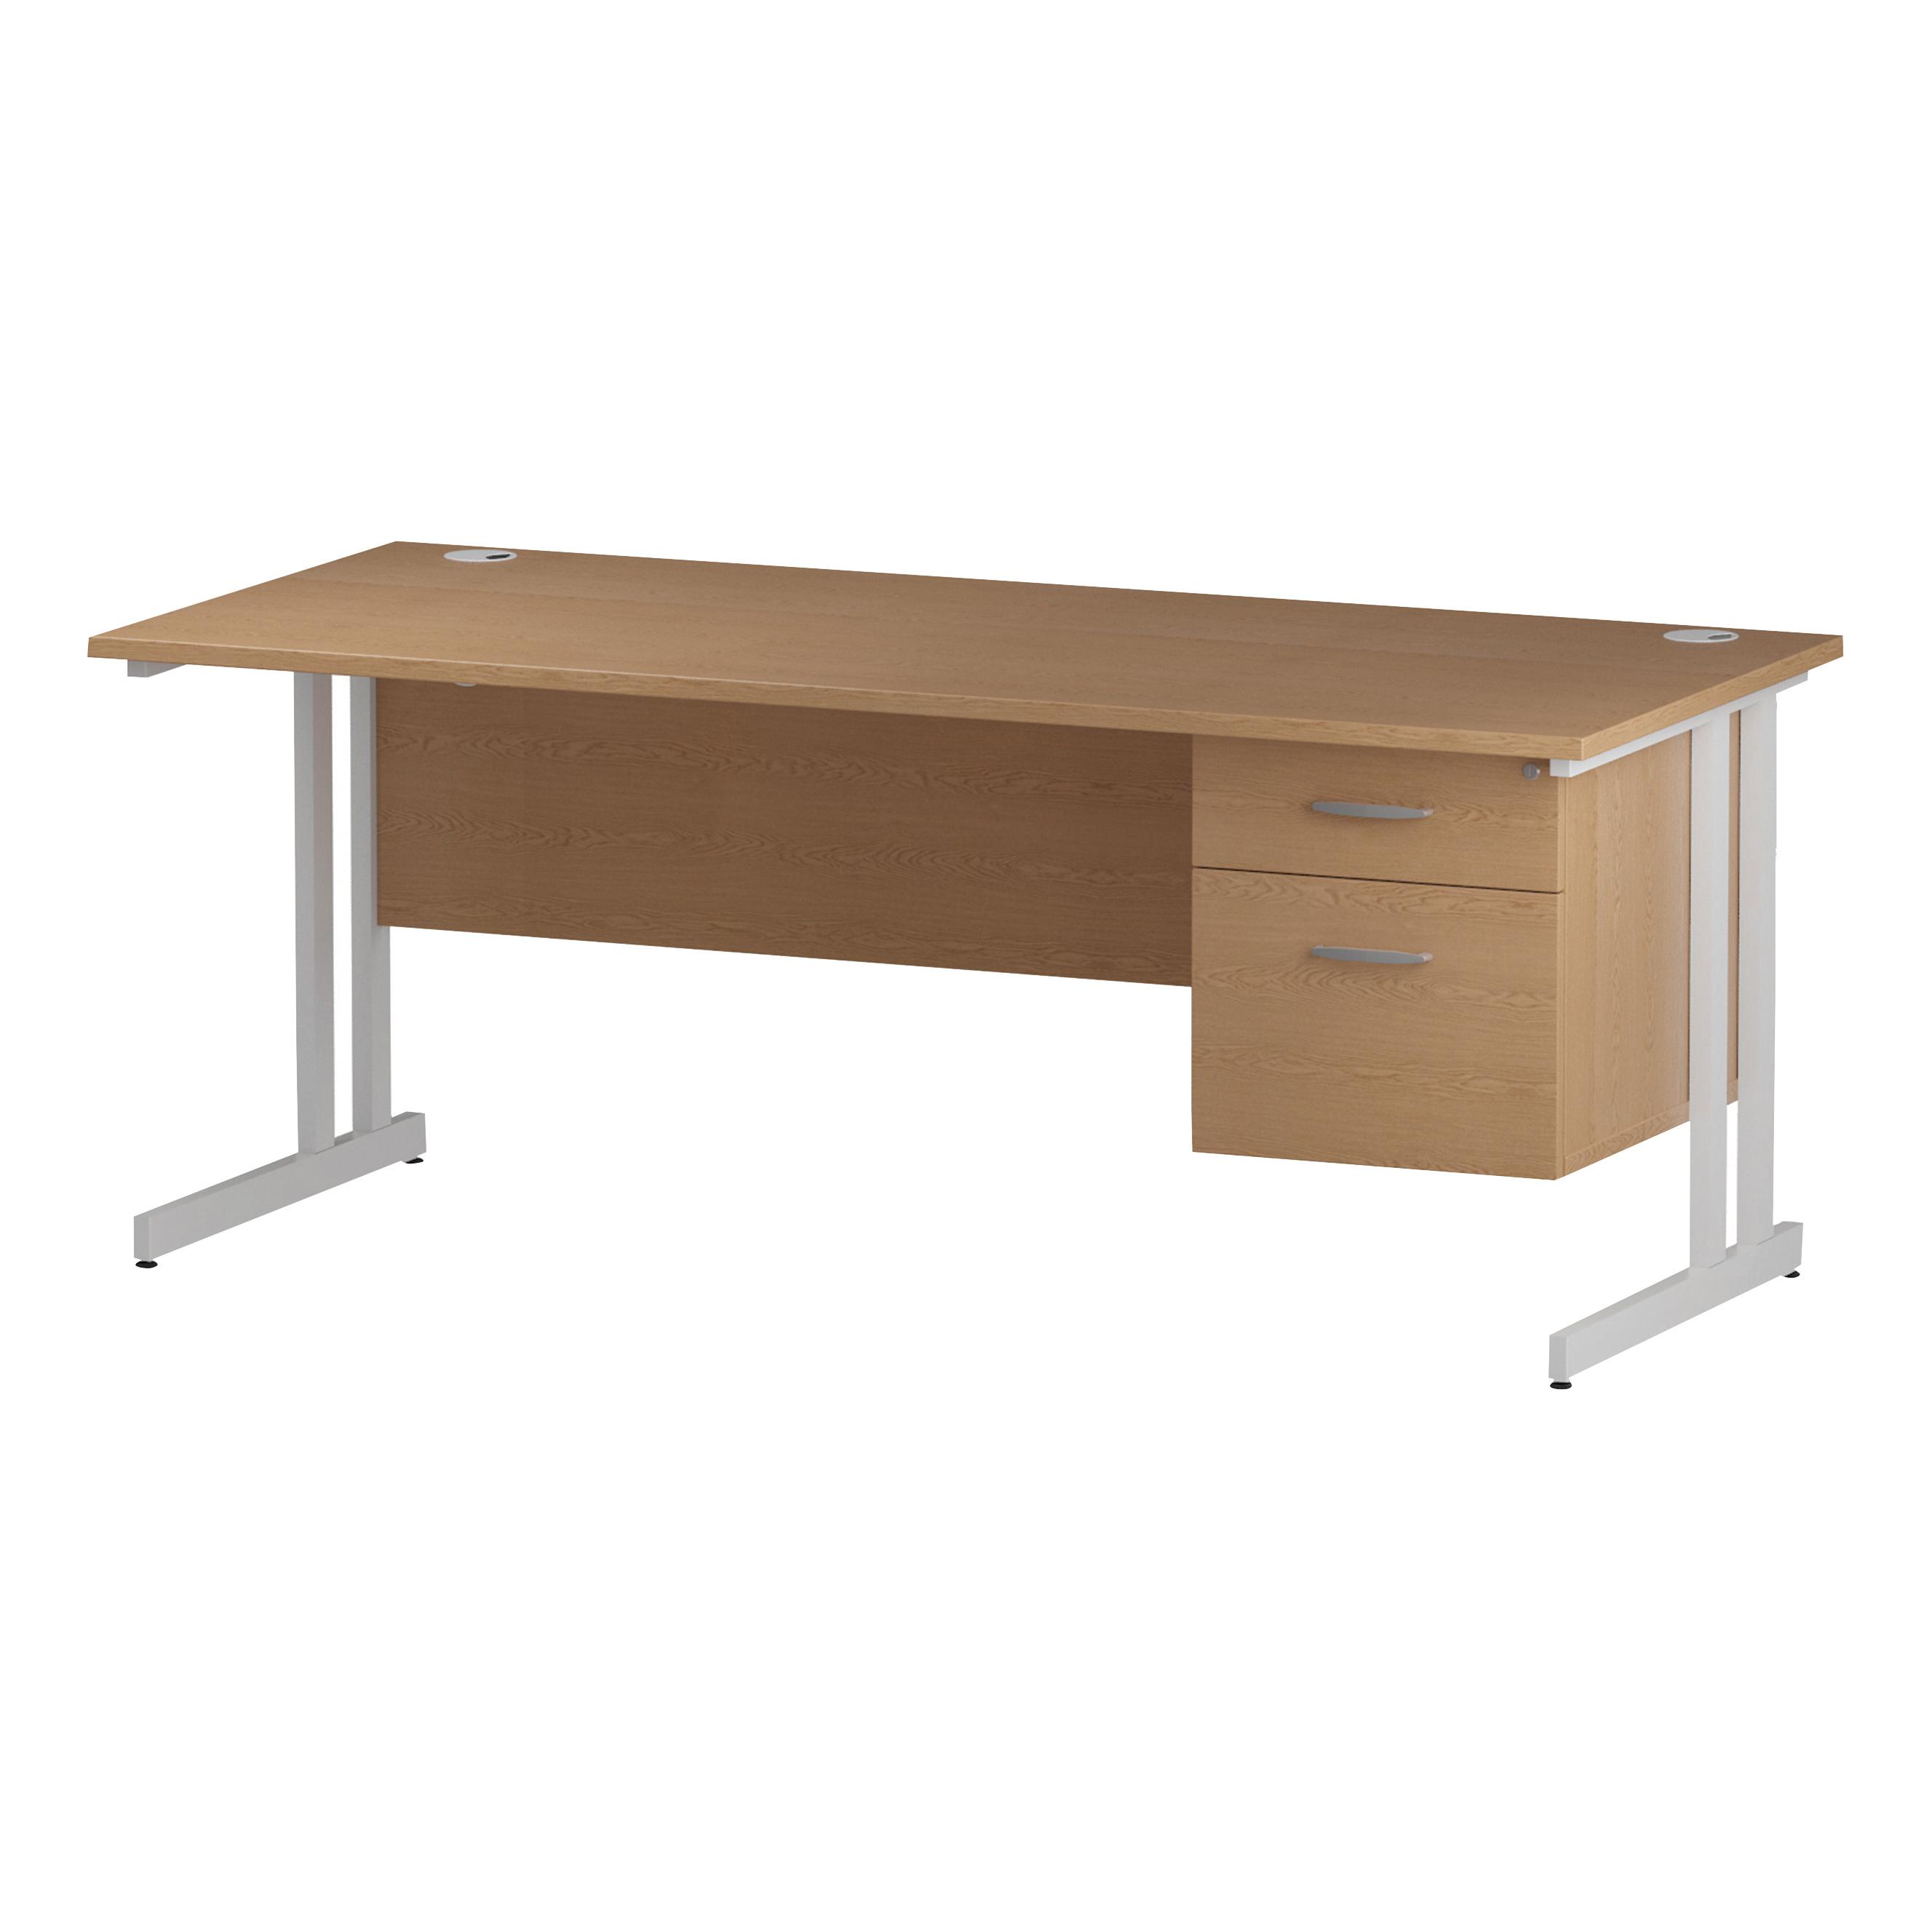 Trexus Rectangular Desk White Cantilever Leg 1600x800mm Fixed Pedestal 2 Drawers Oak Ref I002663